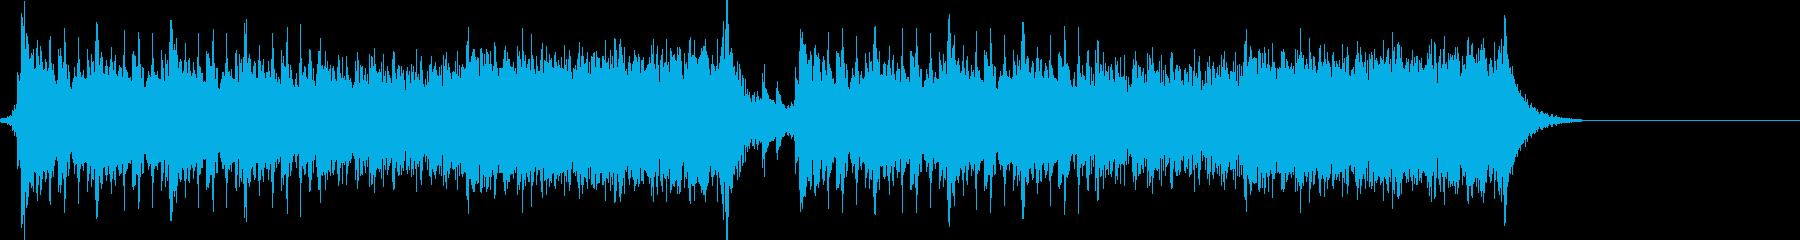 オーケストラ_ギターの再生済みの波形